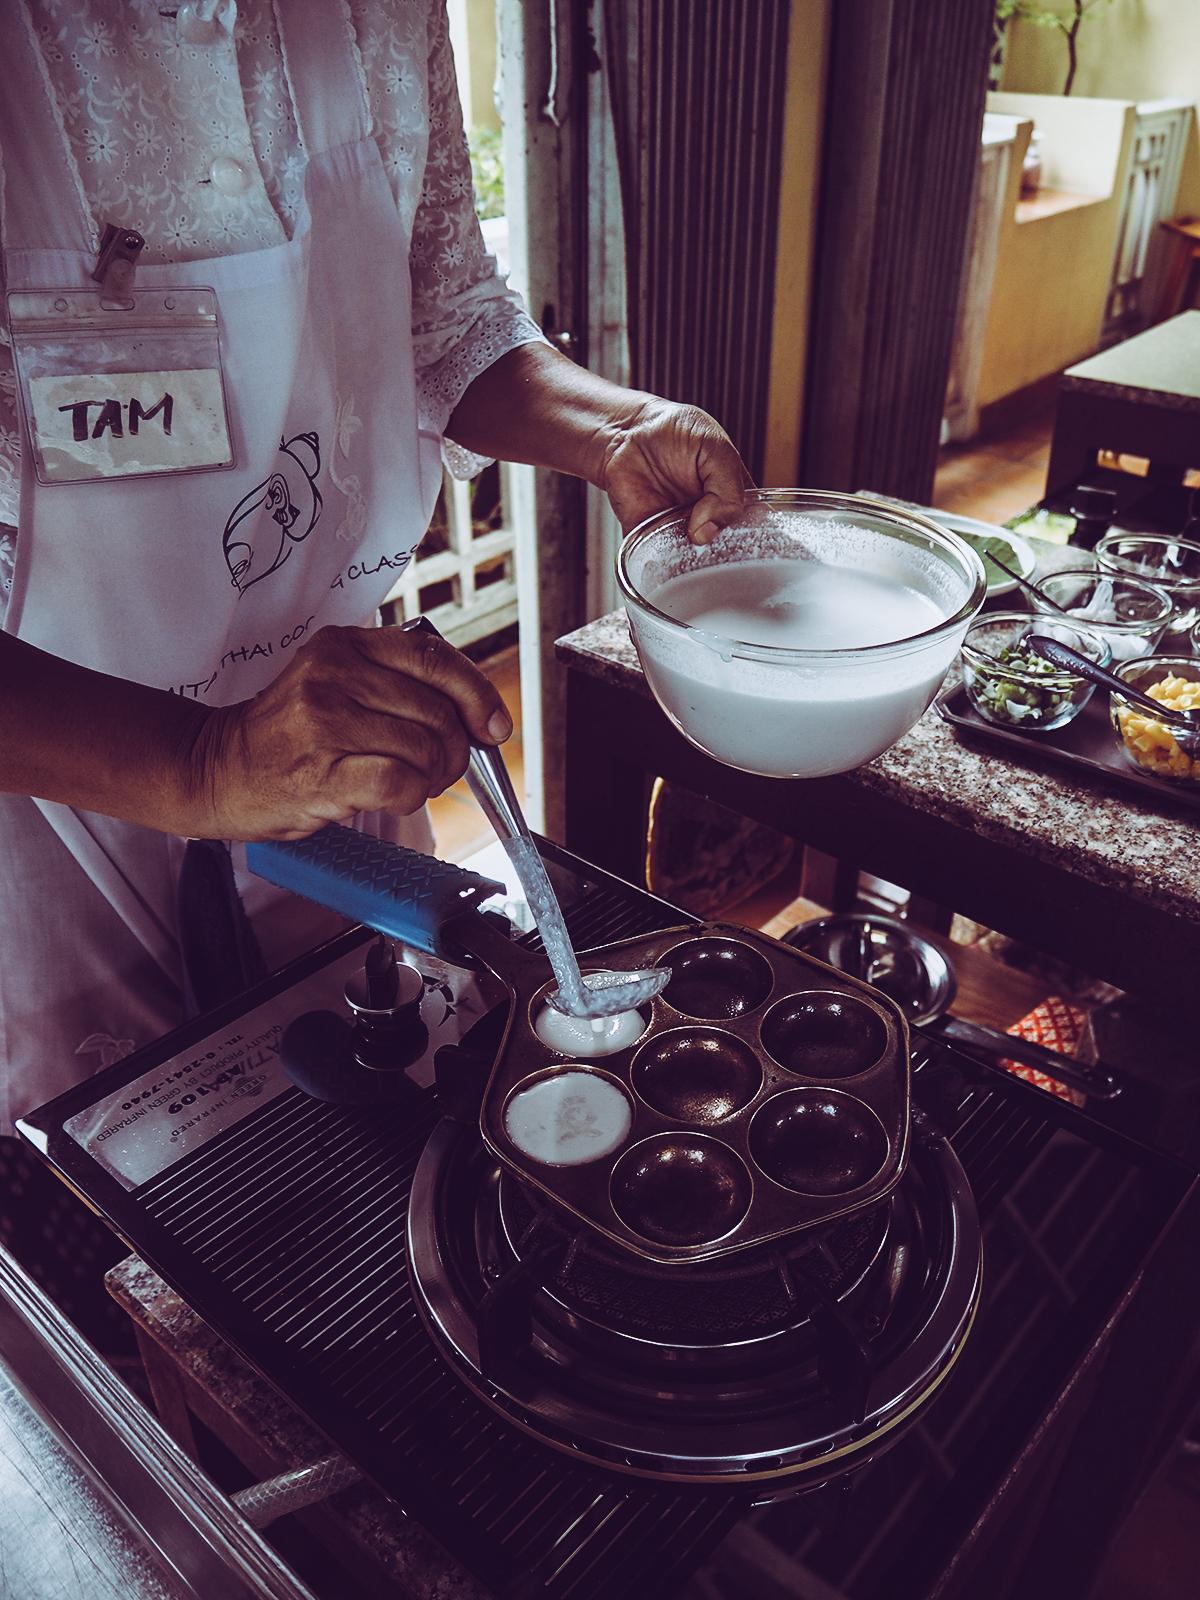 Amita Thai Cooking Class - Kokospancakes |Pixi mit Milch